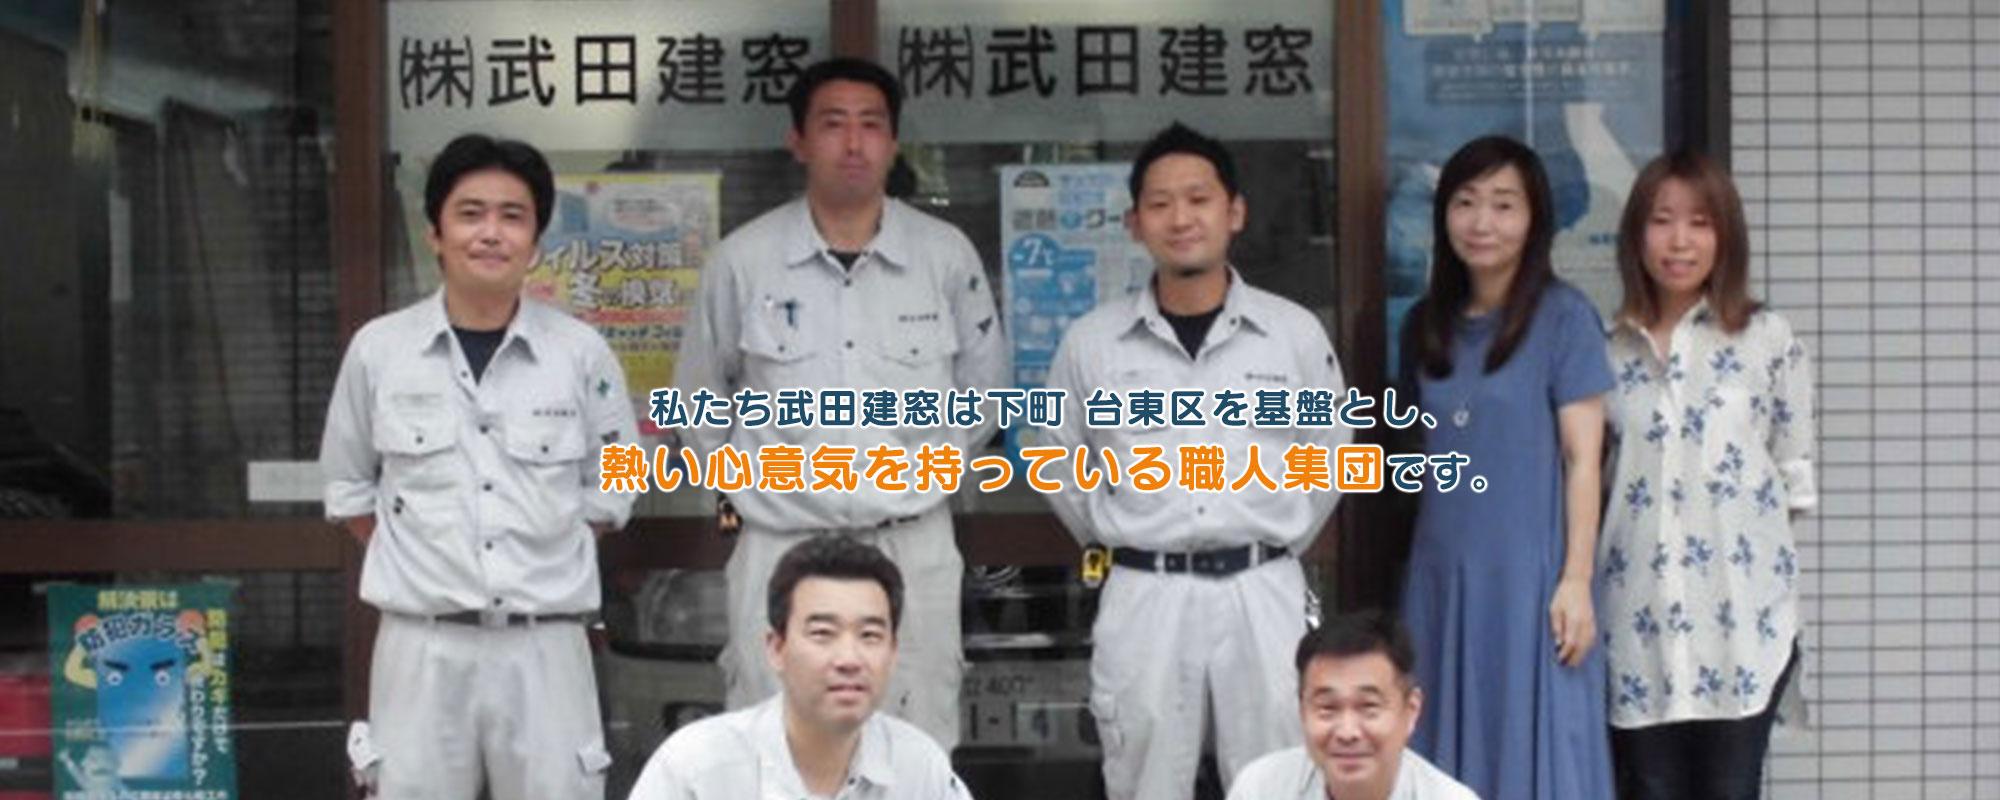 私たち武田建窓は下町 台東区を基盤とし、熱い心意気を持っている職人集団です。